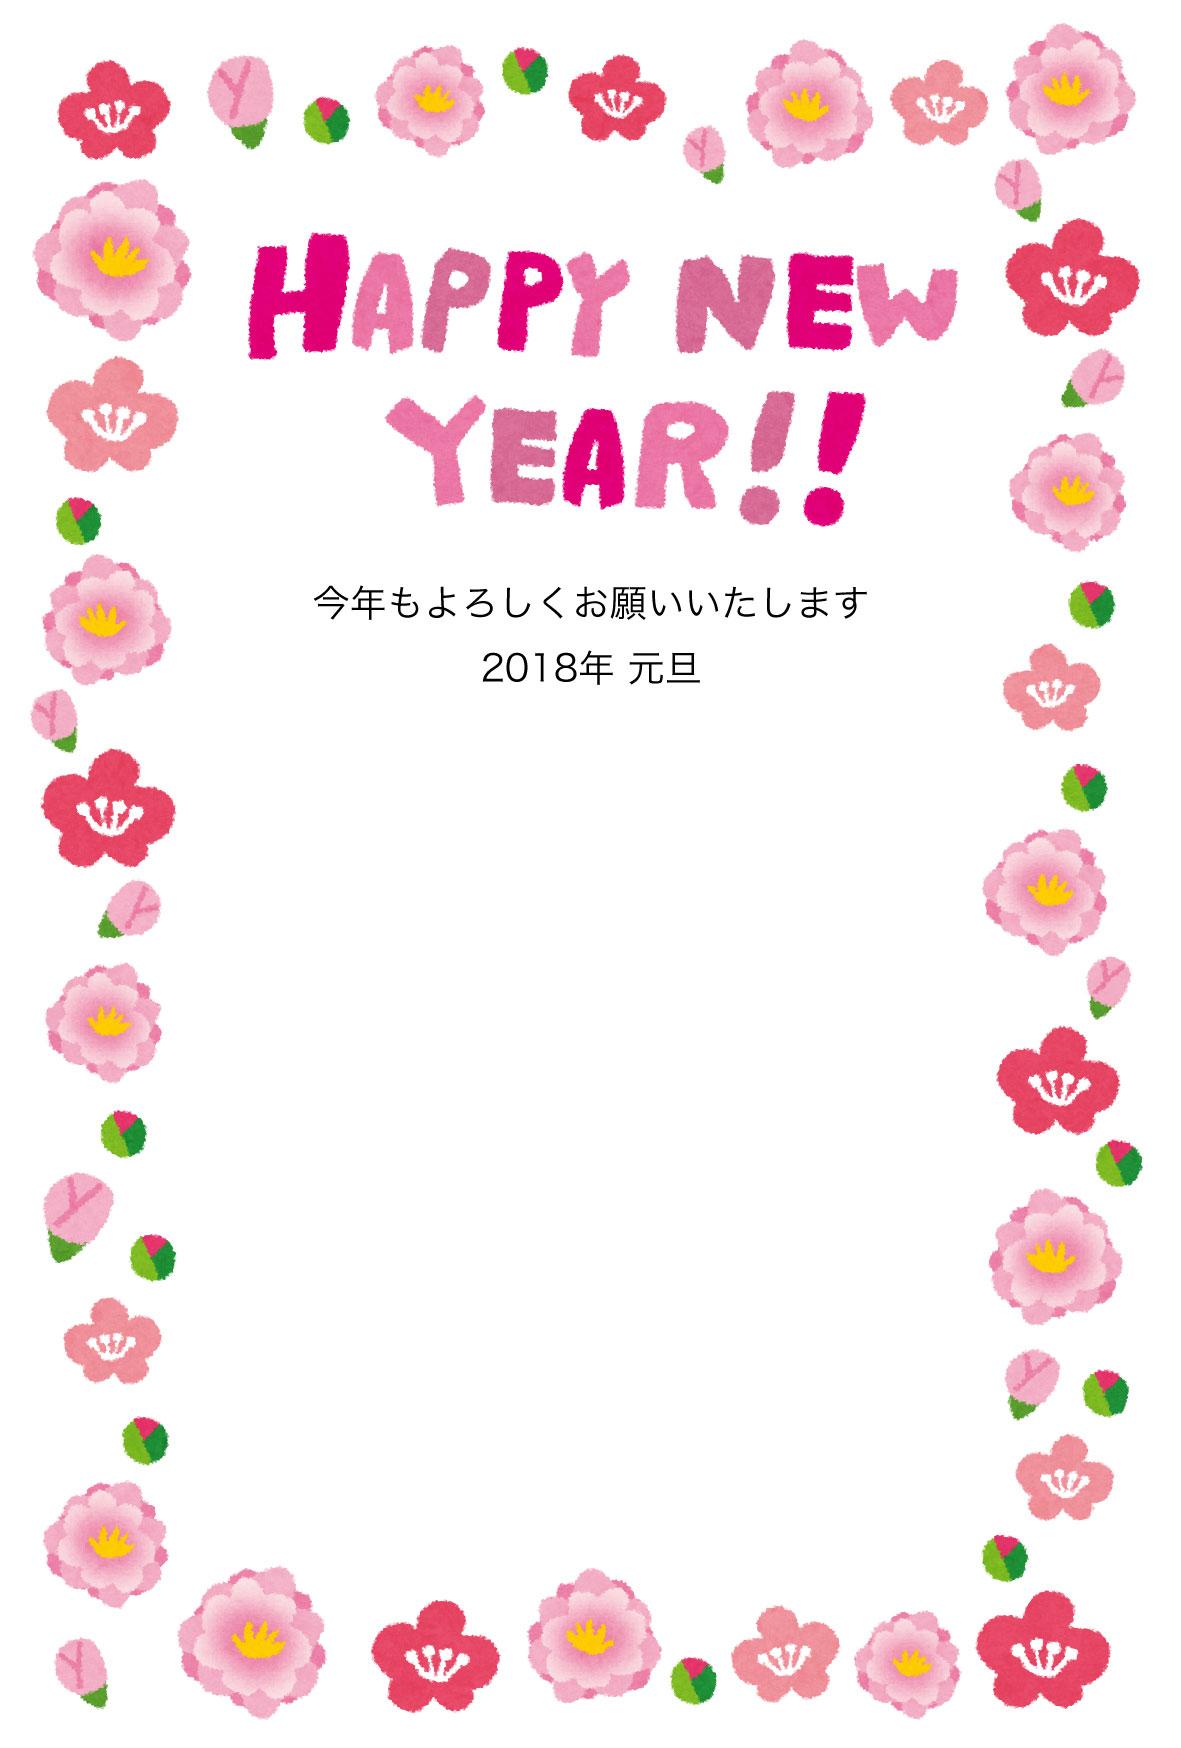 桃の花と梅の花のフレームのイラスト年賀状 | かわいい無料年賀状